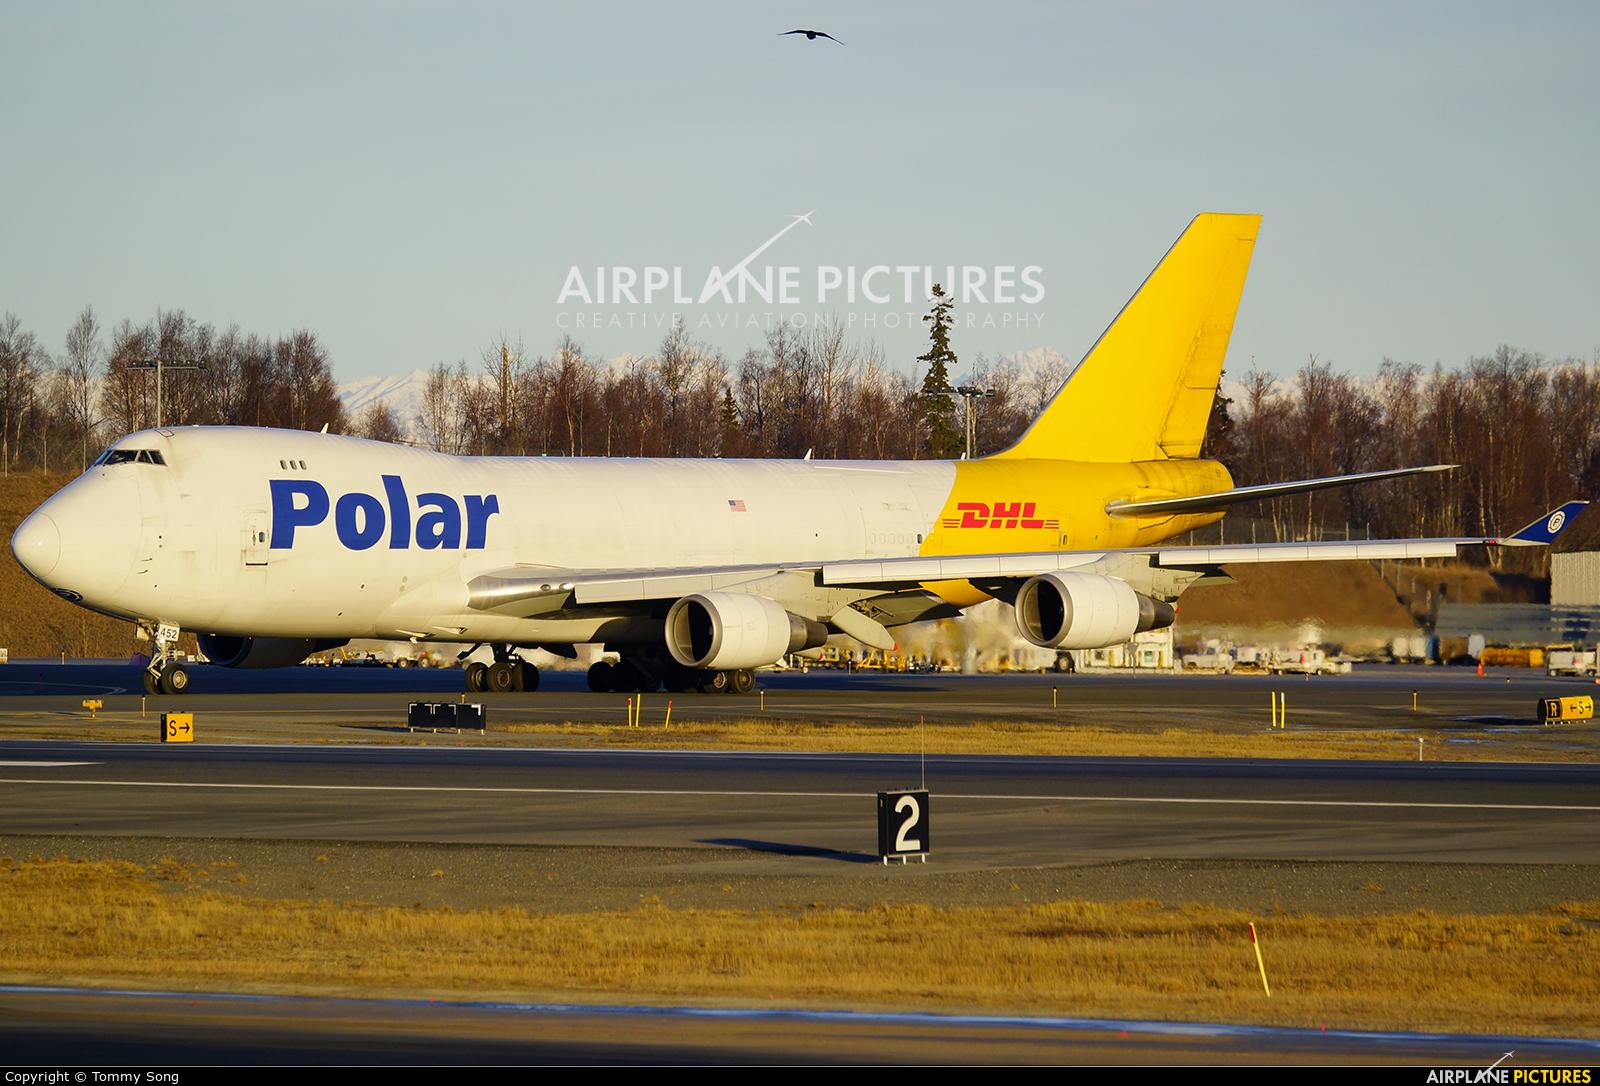 Polar Air Cargo N452PA aircraft at Anchorage - Ted Stevens Intl / Kulis Air National Guard Base